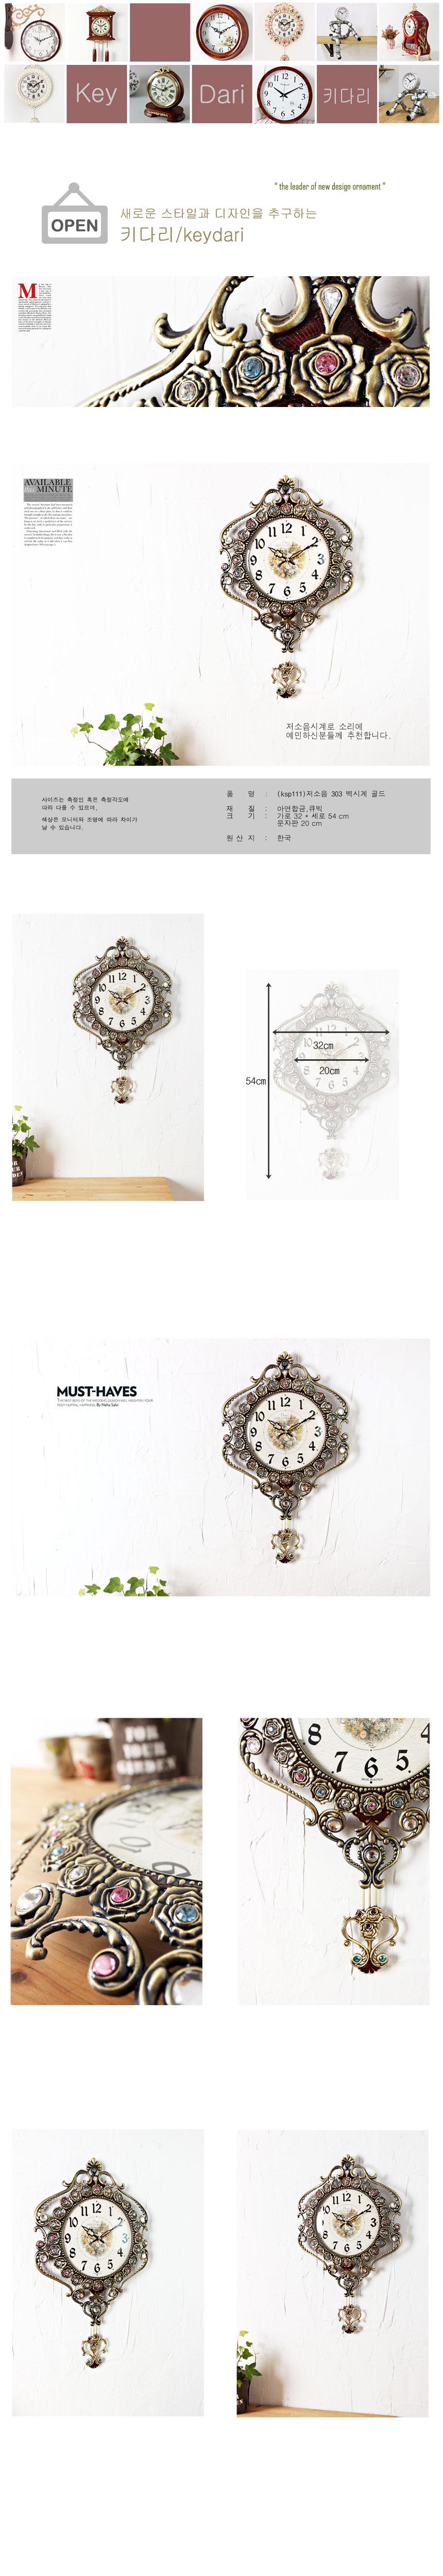 (ksp111)저소음 303 벽시계 골드 - 키다리, 65,000원, 벽시계, 추벽시계